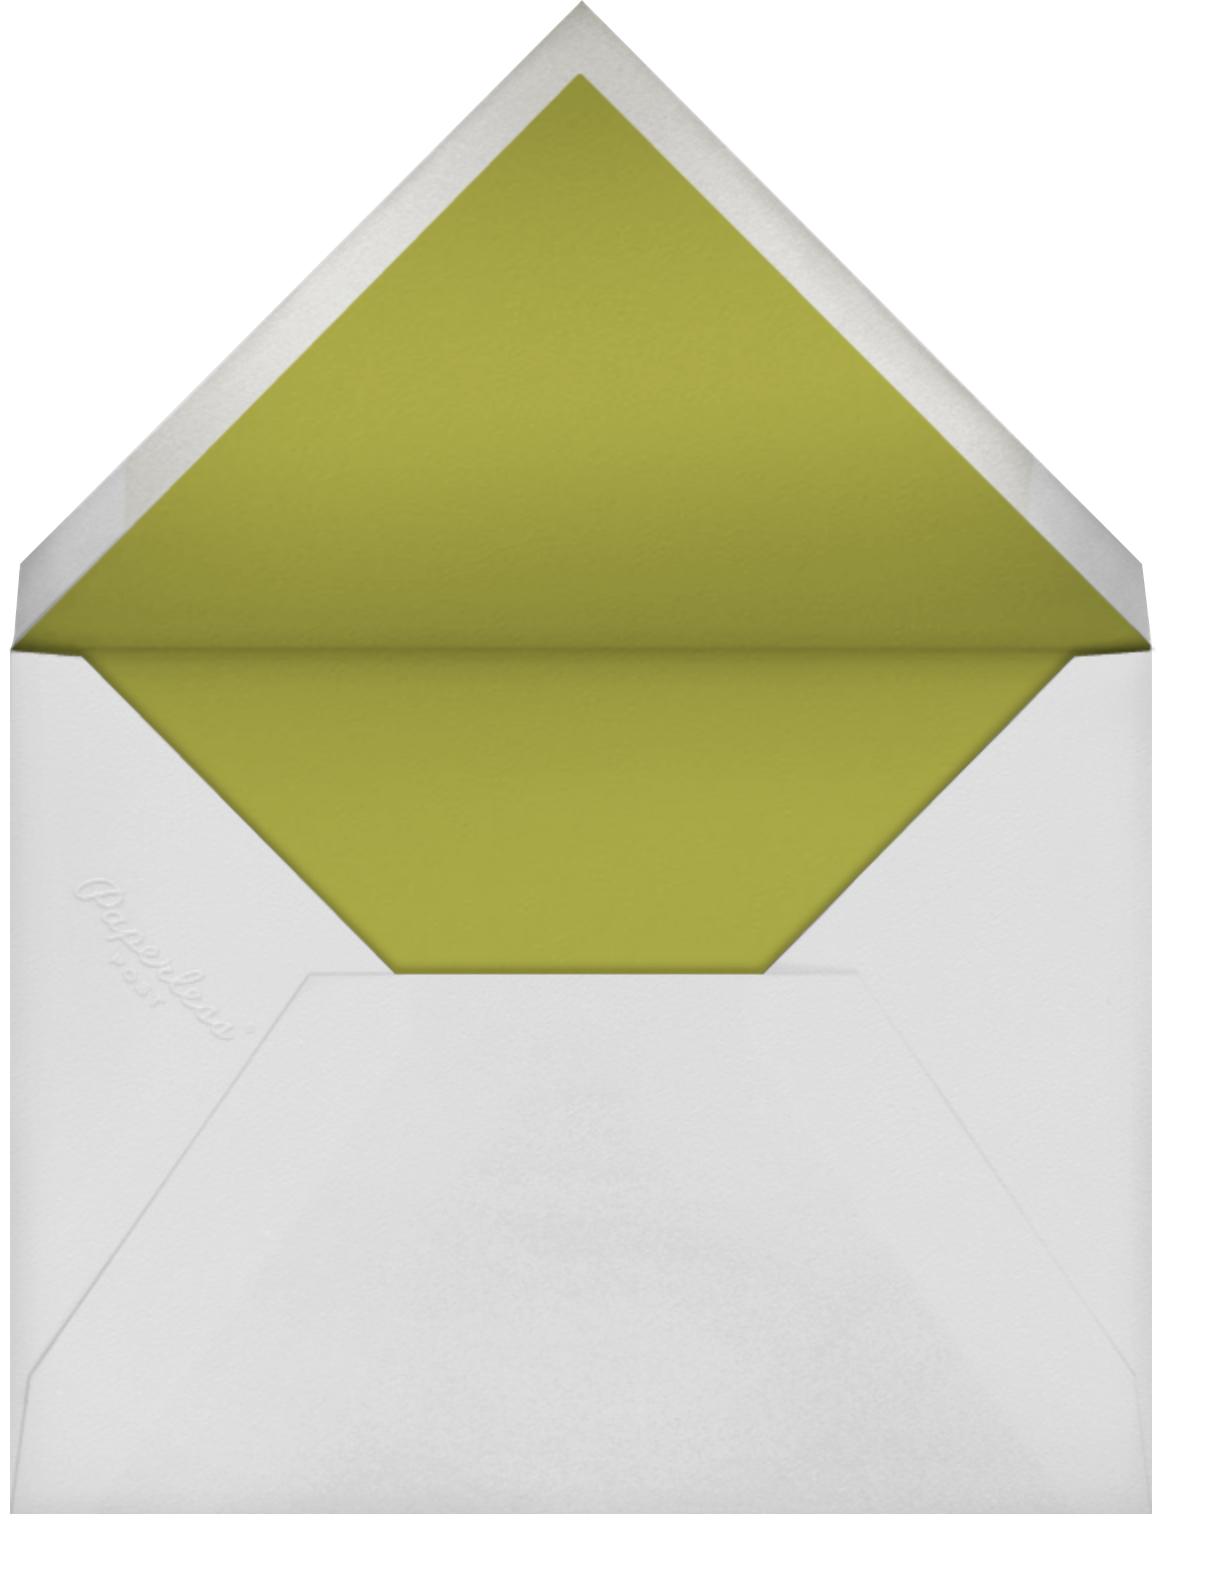 Gradient Full - Green - Paperless Post - Bridal shower - envelope back